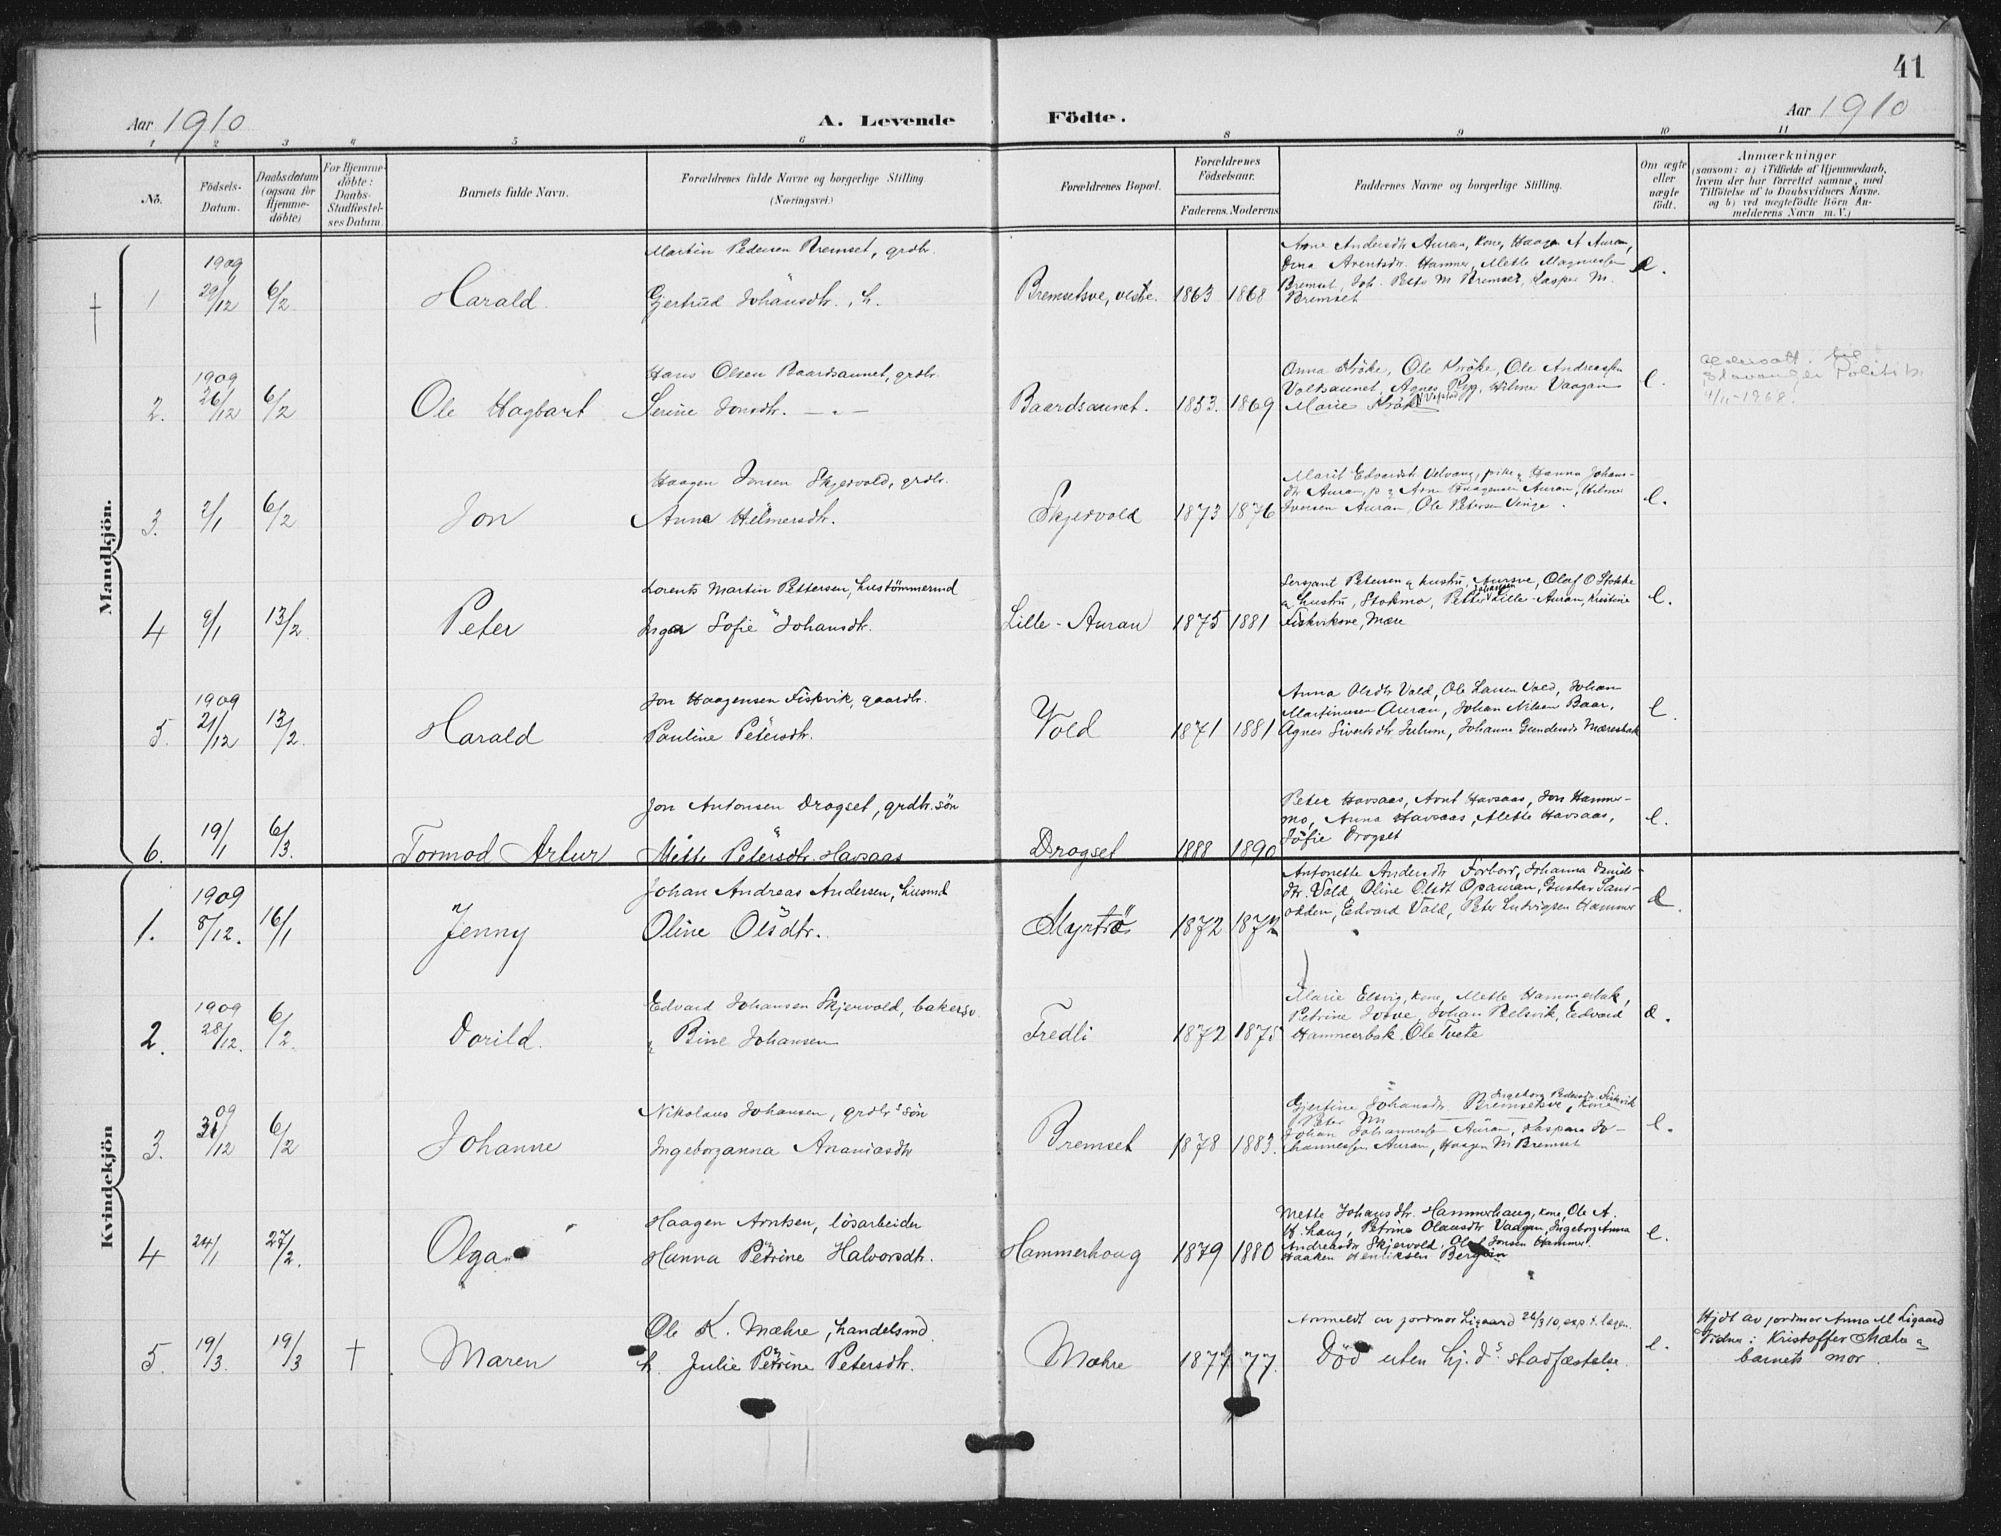 SAT, Ministerialprotokoller, klokkerbøker og fødselsregistre - Nord-Trøndelag, 712/L0101: Ministerialbok nr. 712A02, 1901-1916, s. 41